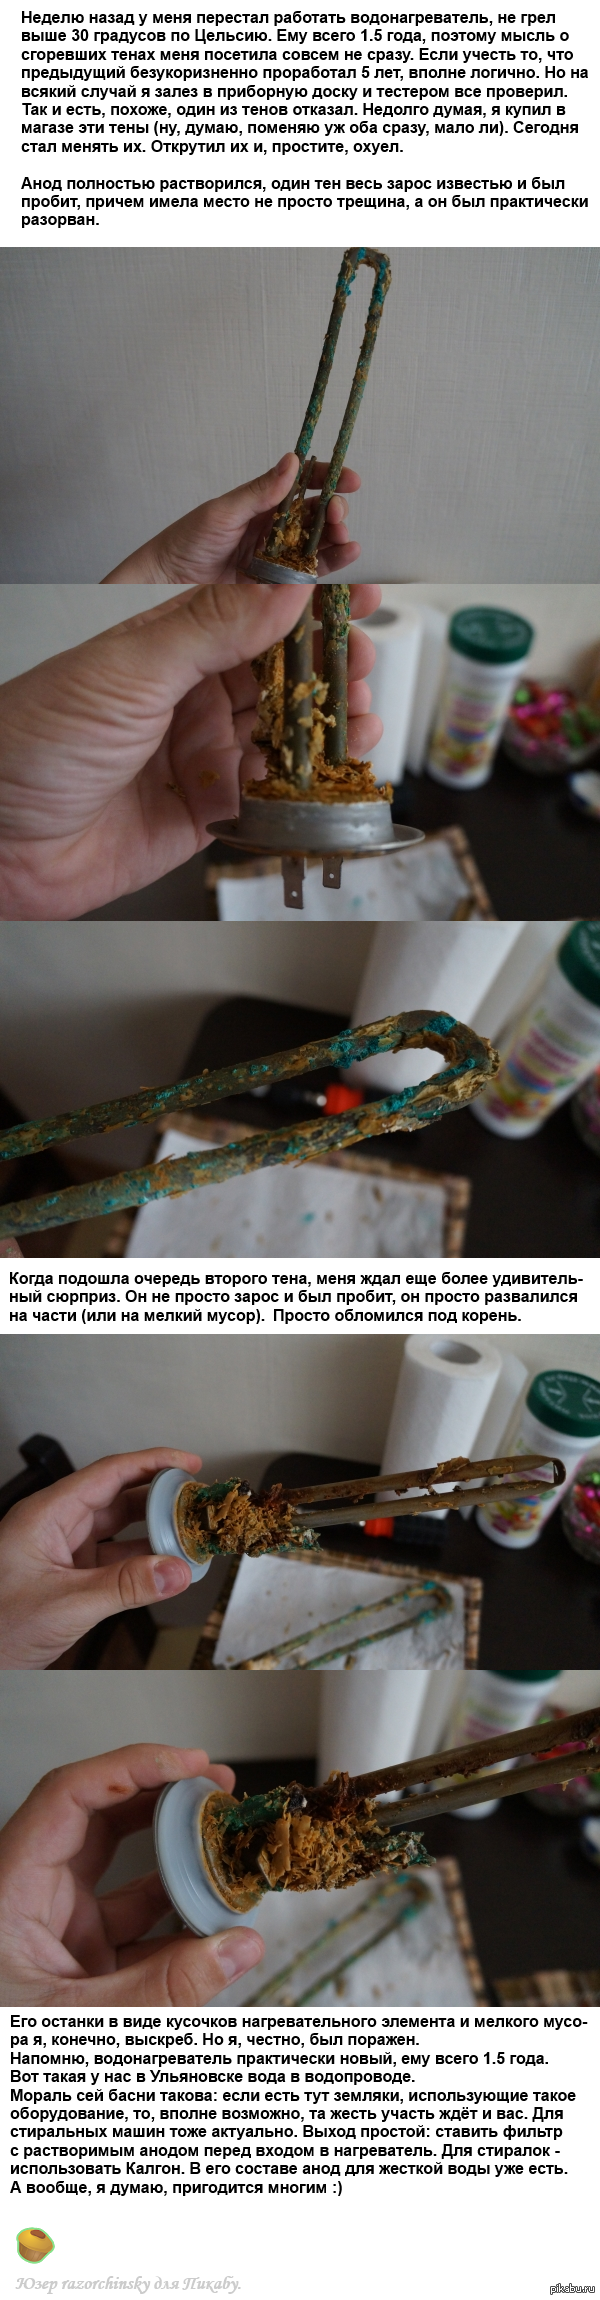 Ульяновская вода.